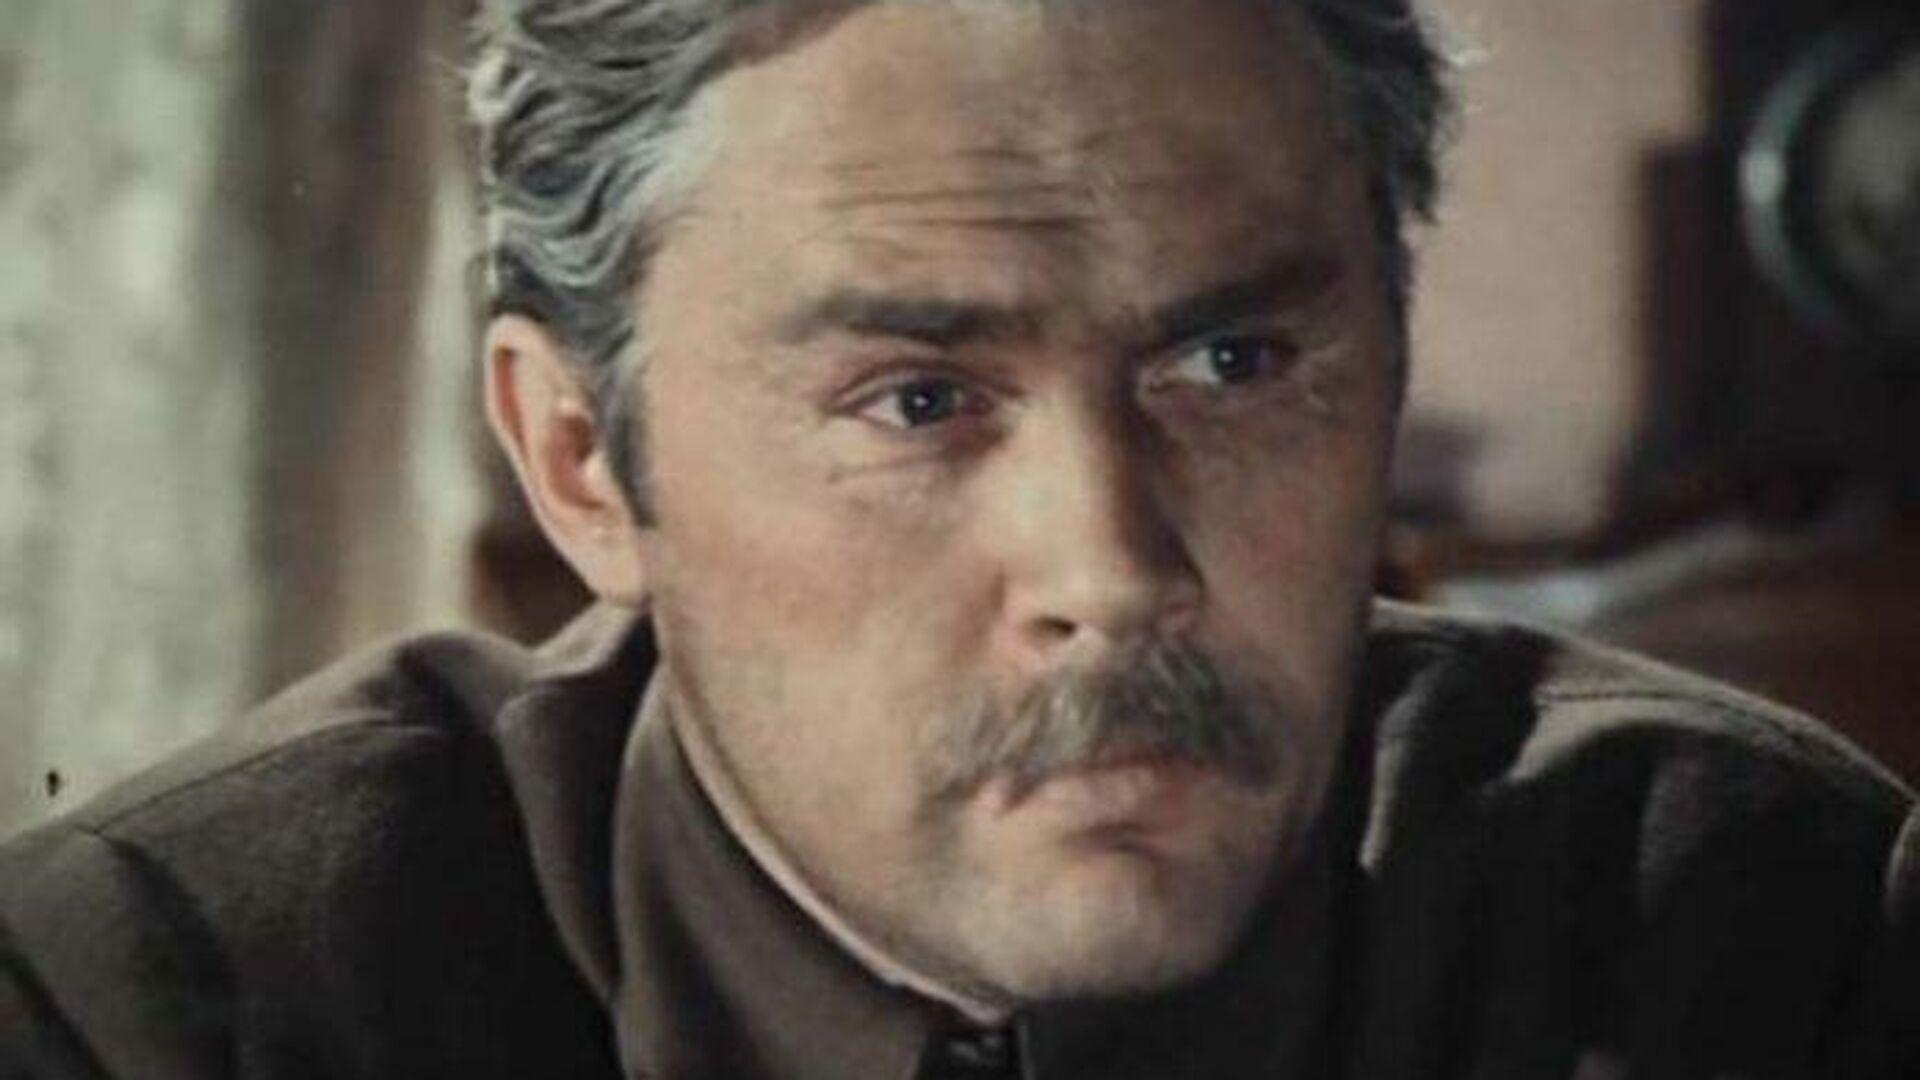 Валерий Хлевинский в сериале Вечный зов - РИА Новости, 1920, 07.01.2021